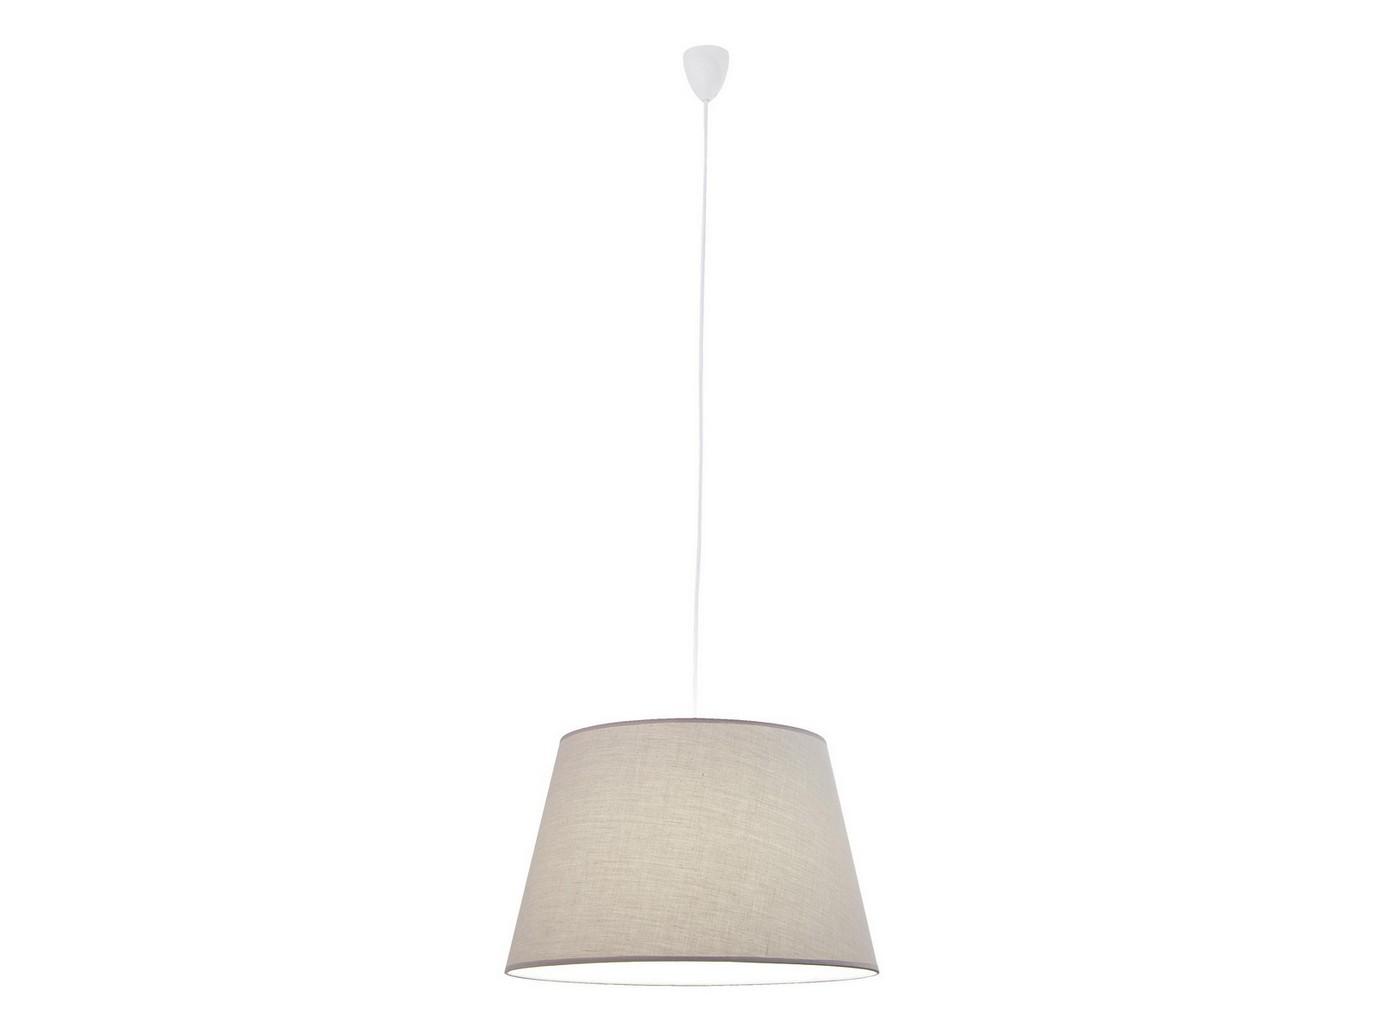 Люстра ElegantПодвесные светильники<br>Люстра &amp;quot;Elegant&amp;quot; станет прекрасным стилистическим дополнением современного интерьера, создаст атмосферу уюта и комфорта. <br>Кабель данной лампы выполнен из окрашенного металла. Абажур сделан из 100% хлопка.&amp;amp;nbsp;&amp;lt;br&amp;gt;&amp;lt;br&amp;gt;&amp;lt;div&amp;gt;Вид цоколя: Е27&amp;lt;/div&amp;gt;&amp;lt;div&amp;gt;Мощность лампы: 60W&amp;lt;/div&amp;gt;&amp;lt;div&amp;gt;Количество ламп: 1&amp;lt;/div&amp;gt;&amp;lt;div&amp;gt;Наличие ламп: нет&amp;lt;/div&amp;gt;<br><br>Material: Металл<br>Height см: 28<br>Diameter см: 45